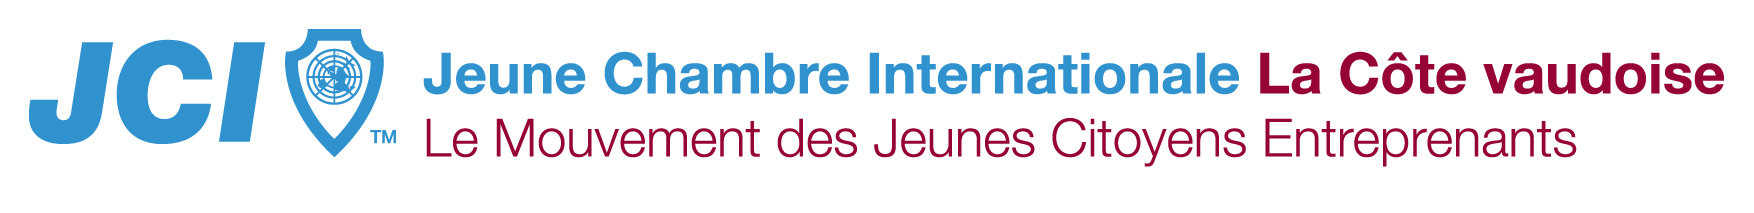 JCI la Côte vaudoise | Le mouvement des jeunes citoyens actifs: Jeune Chambre Internationale de la Côte vaudoise – district de Nyon